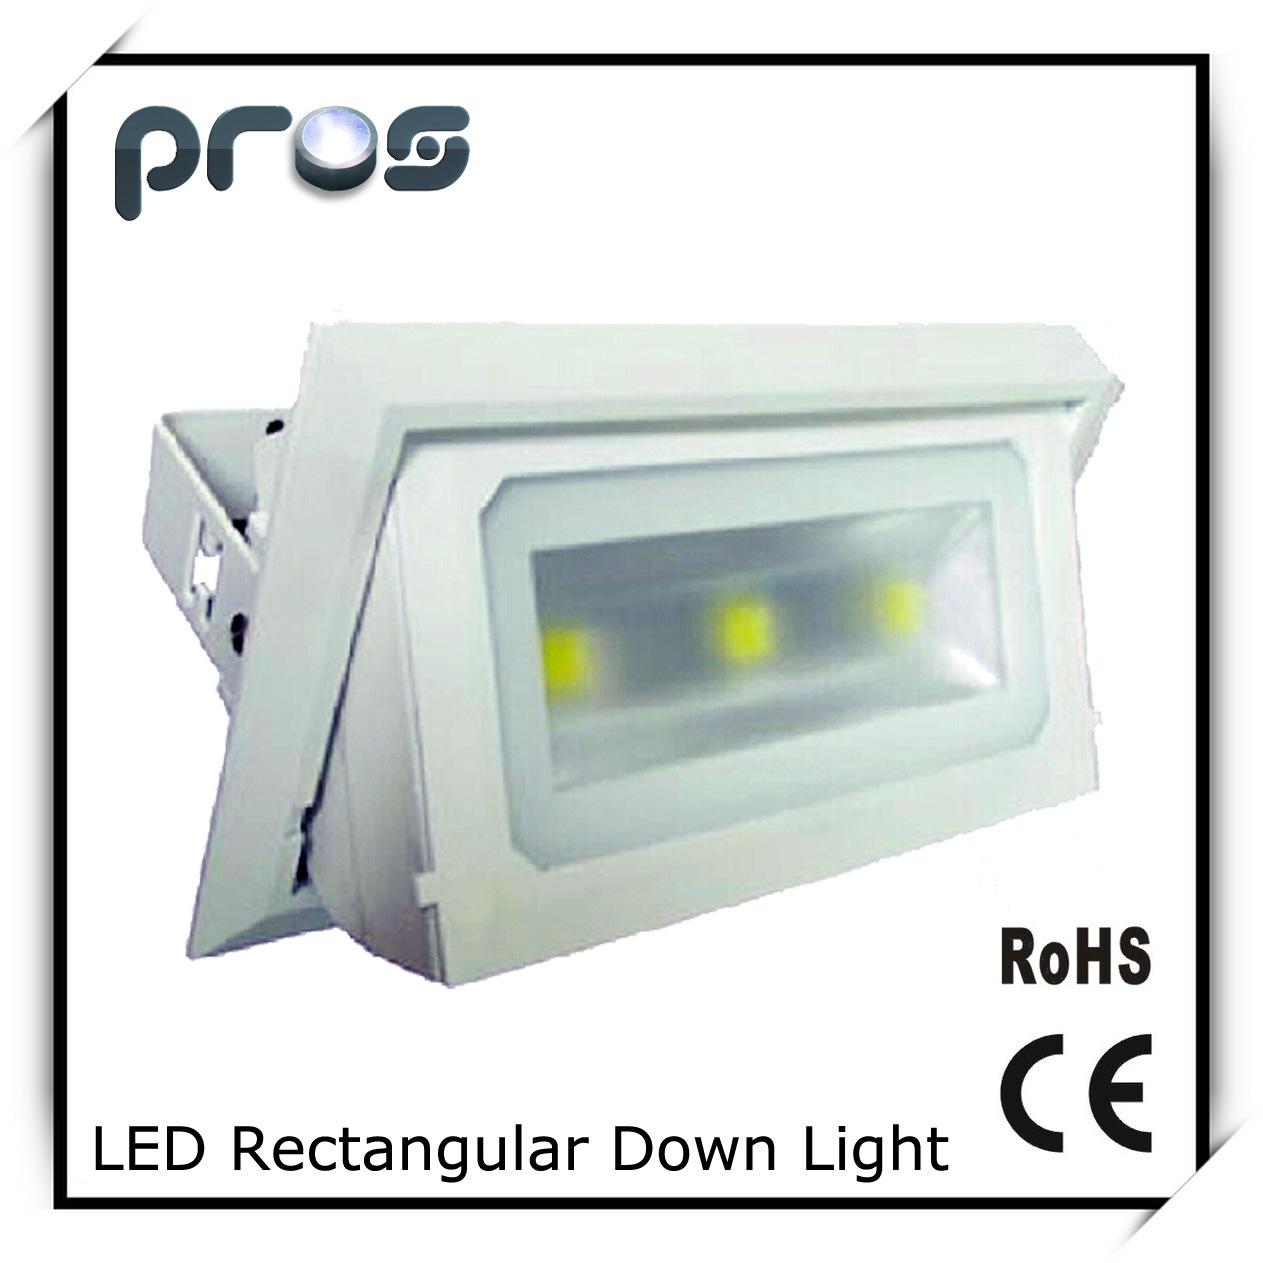 Rectangular LED Downlight Commercial Lighting 3*10W COB